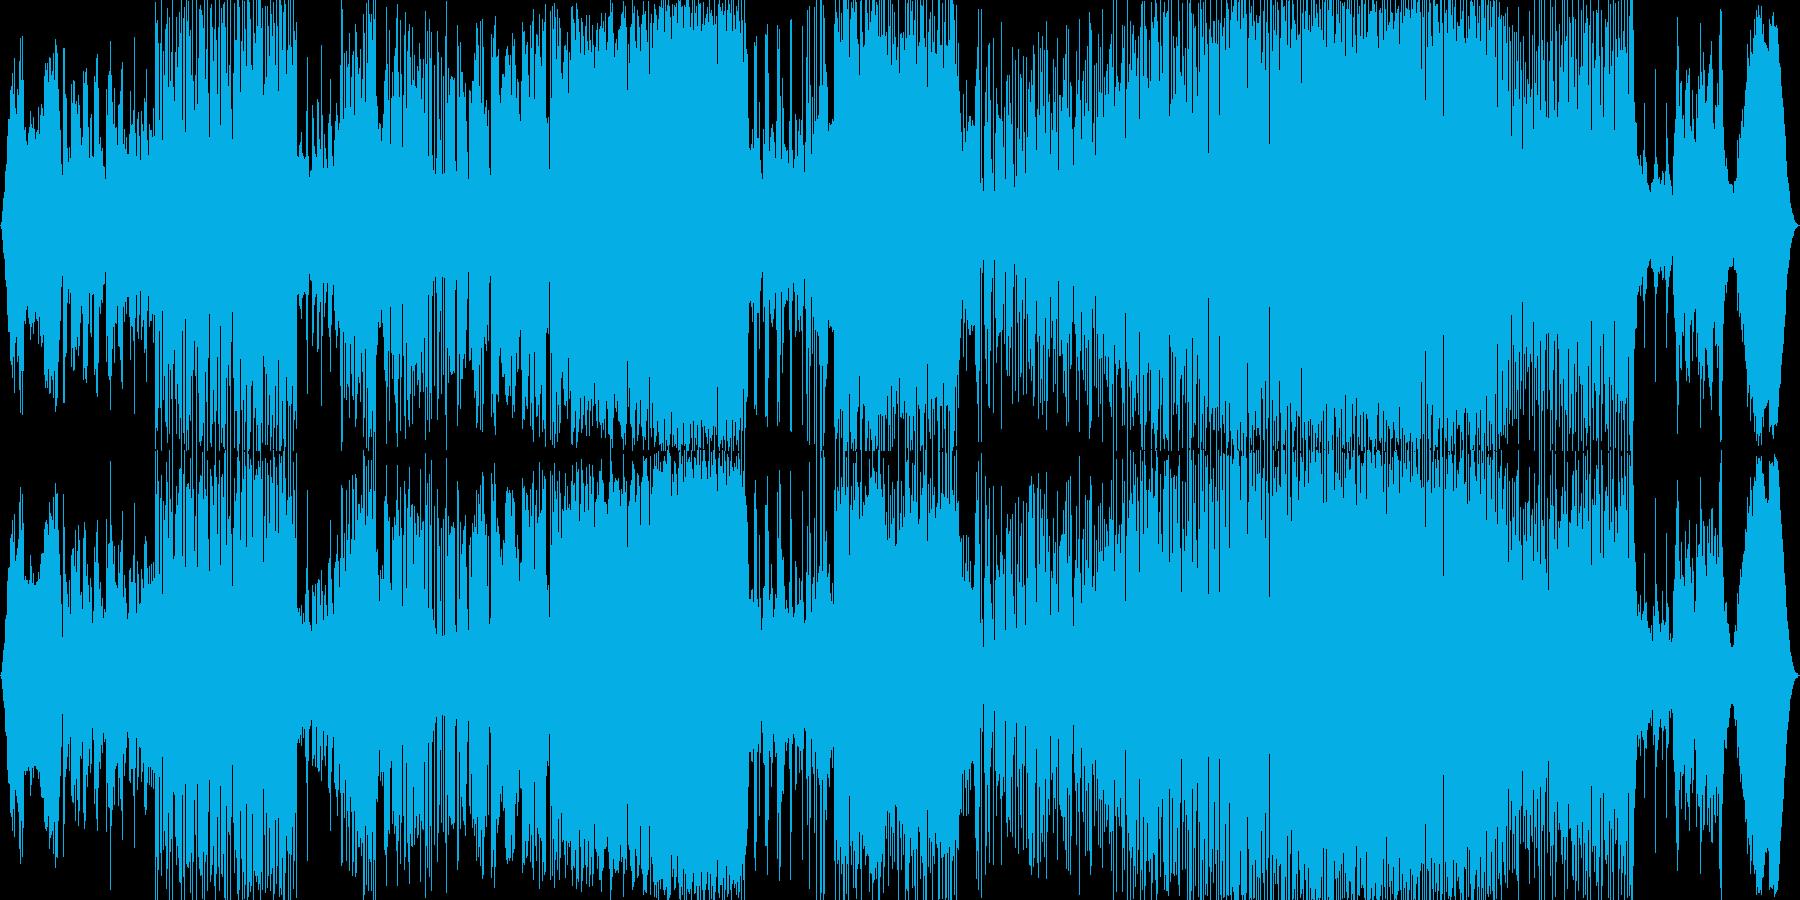 ピアノメインの全編7拍子で緊迫感のある曲の再生済みの波形